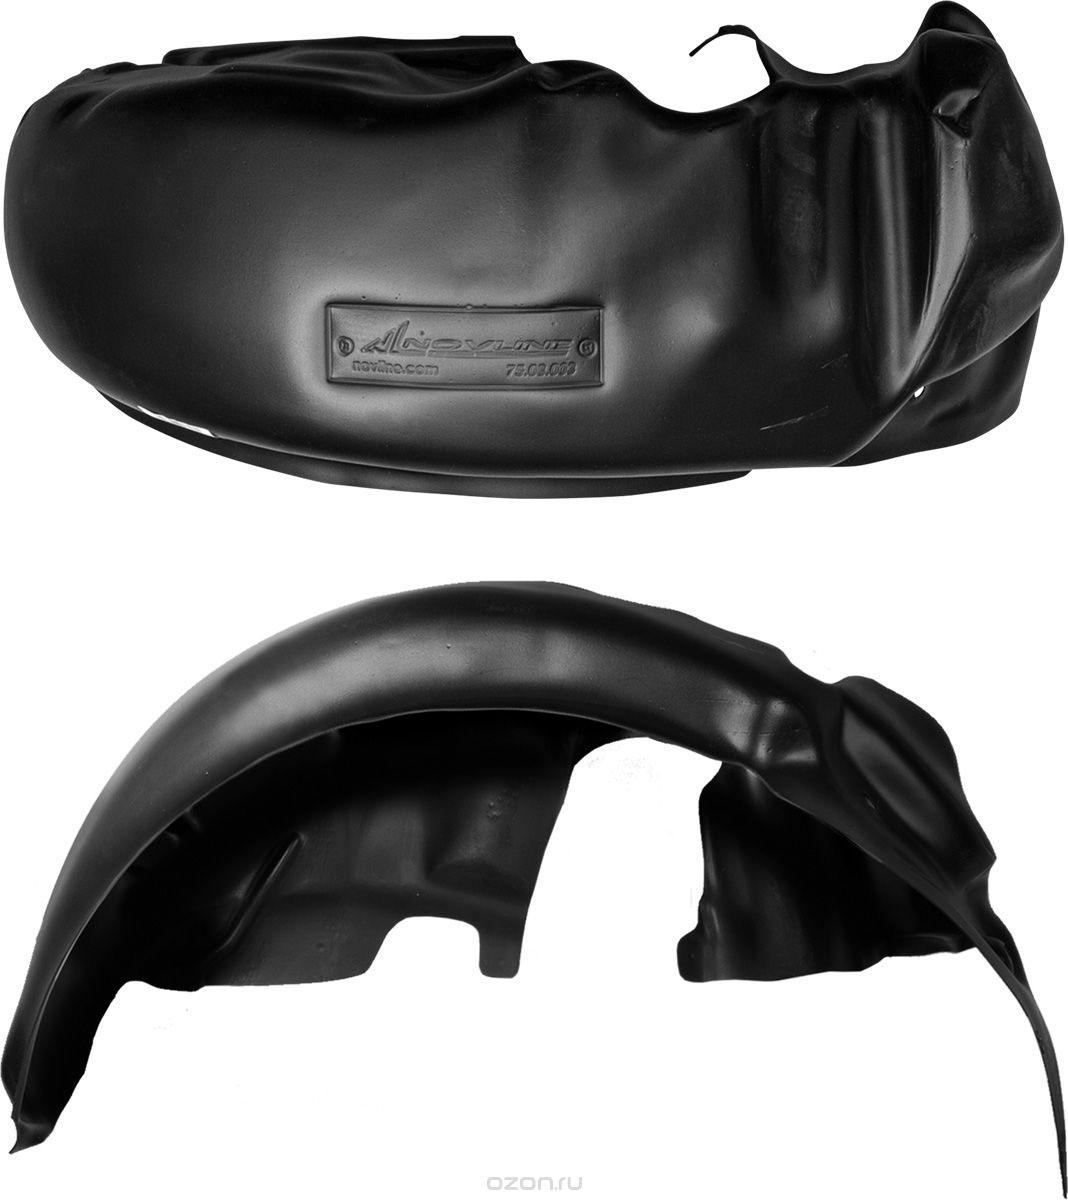 Подкрылок Novline-Autofamily, для Citroen Jumper, 2006->, с расширителями арок, передний правыйNLL.10.18.002Идеальная защита колесной ниши. Локеры разработаны с применением цифровых технологий, гарантируют максимальную повторяемость поверхности арки. Изделия устанавливаются без нарушения лакокрасочного покрытия автомобиля, каждый подкрылок комплектуется крепежом. Уважаемые клиенты, обращаем ваше внимание, что фотографии на подкрылки универсальные и не отражают реальную форму изделия. При этом само изделие идет точно под размер указанного автомобиля.